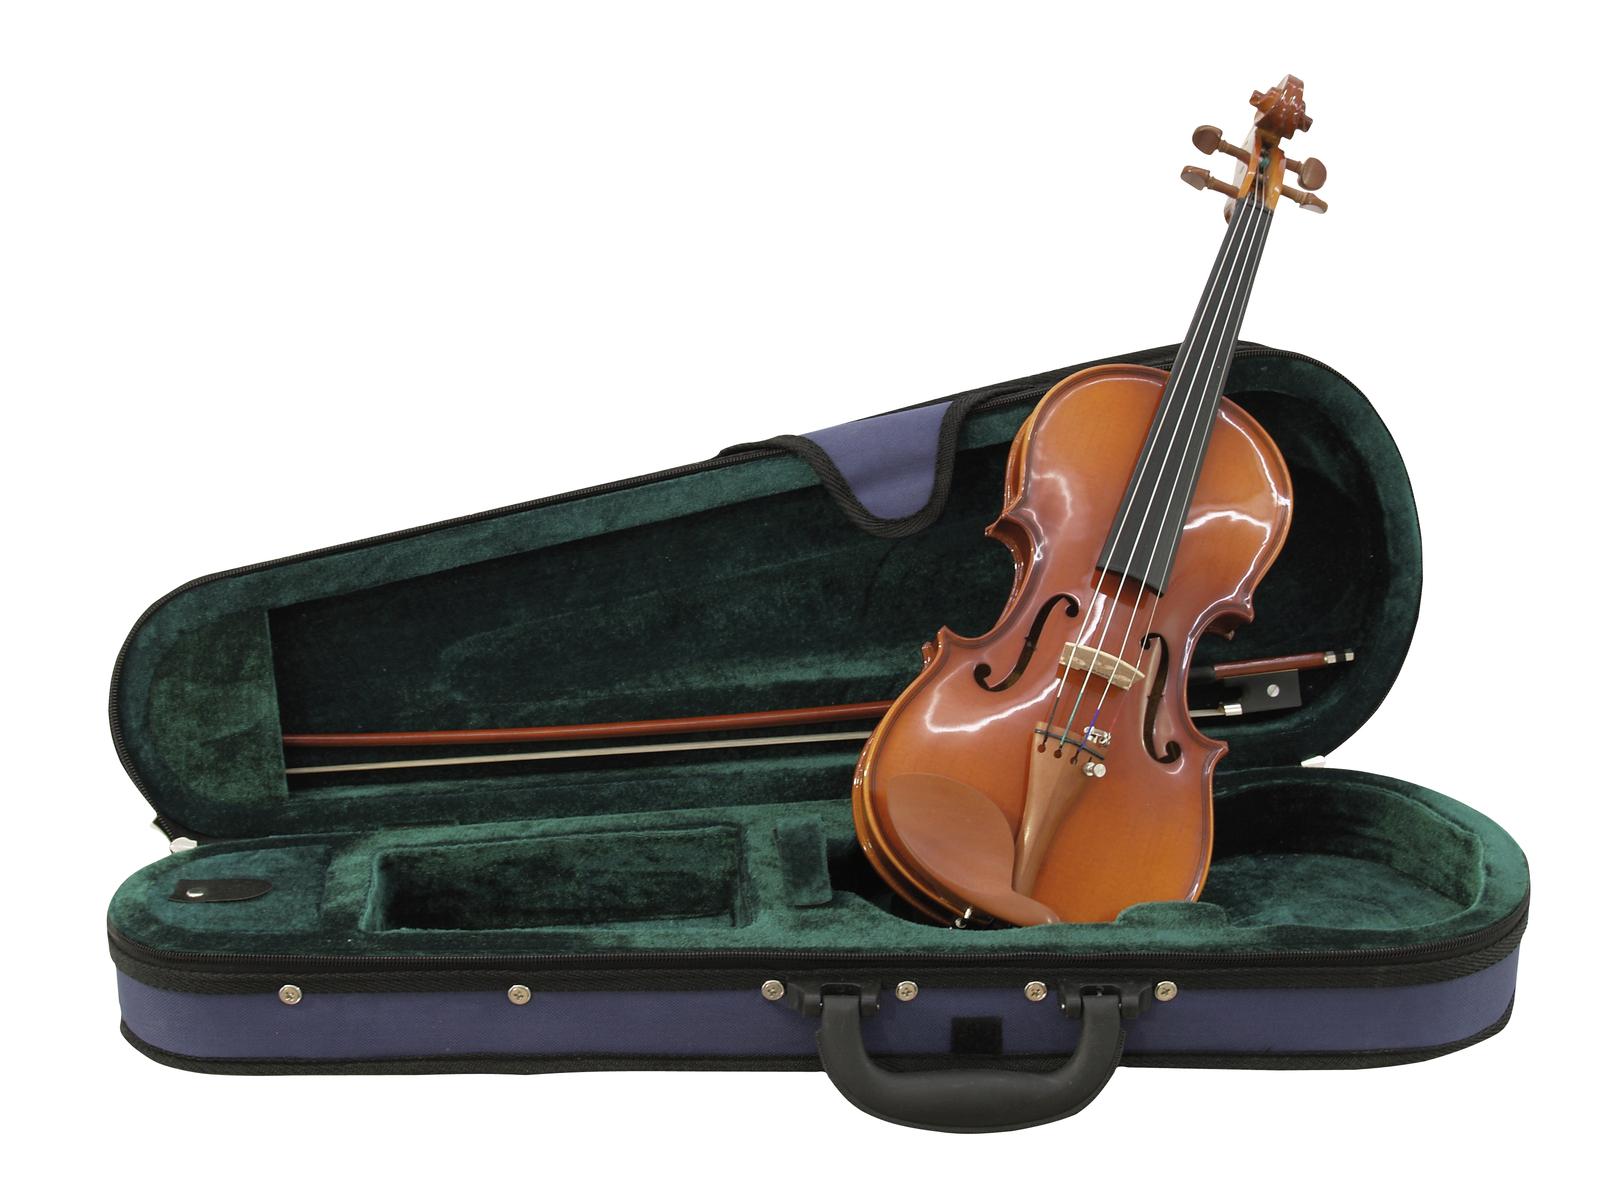 Violino misura 1/4, legno naturale, corpo acero, con custodia rigida, DIMAVERY